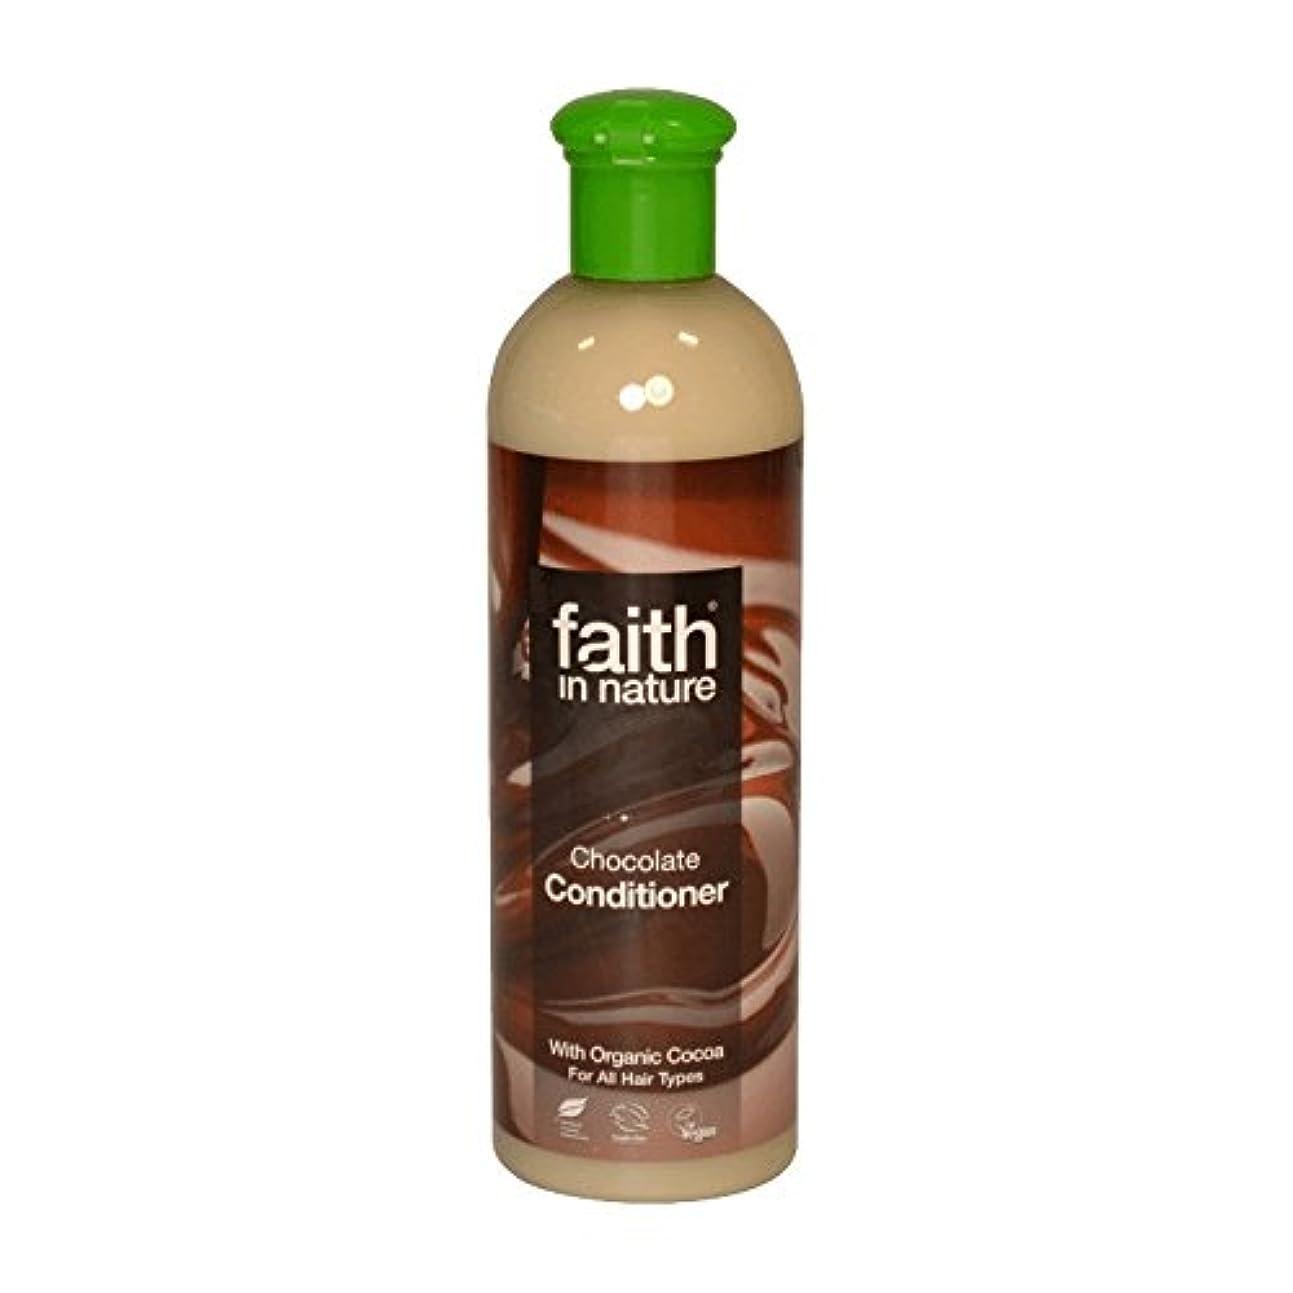 エキサイティング反射温度計自然チョコレートコンディショナー400ミリリットルの信仰 - Faith In Nature Chocolate Conditioner 400ml (Faith in Nature) [並行輸入品]